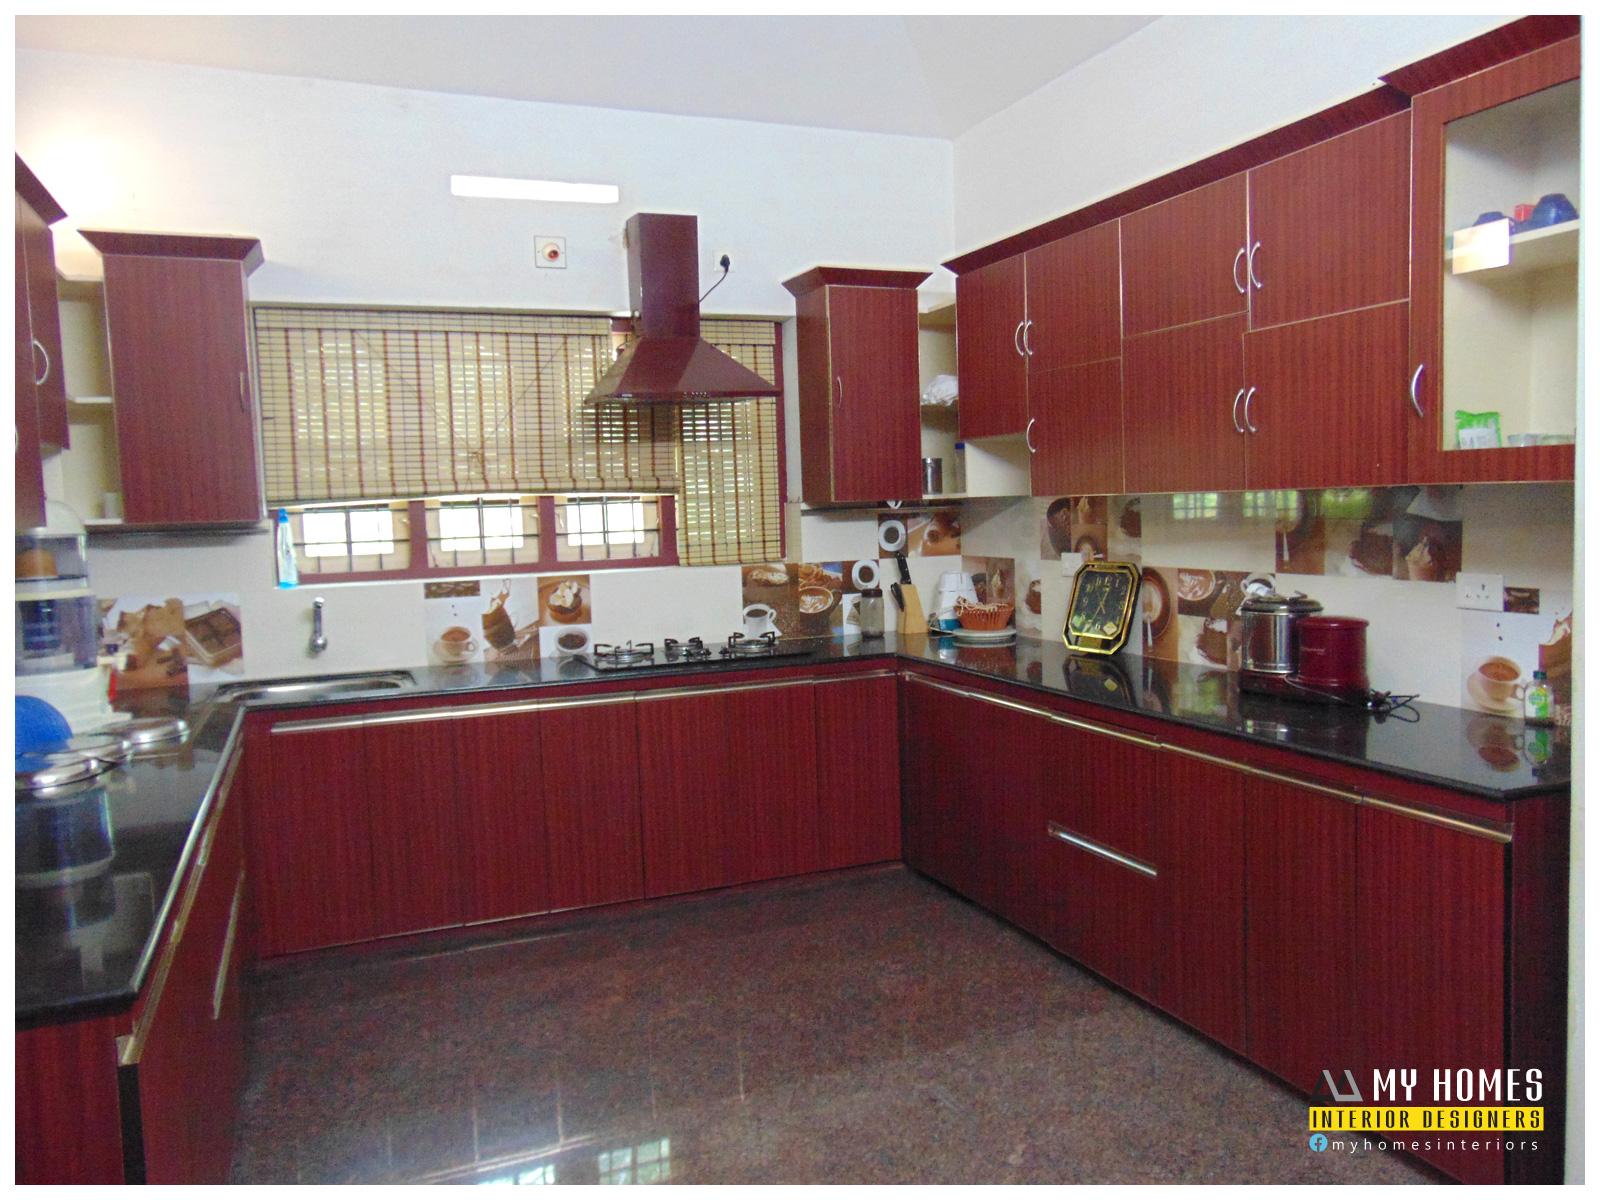 Top kitchen design kerala from Interior designers thrissur ... on Model Kitchen Design  id=17940